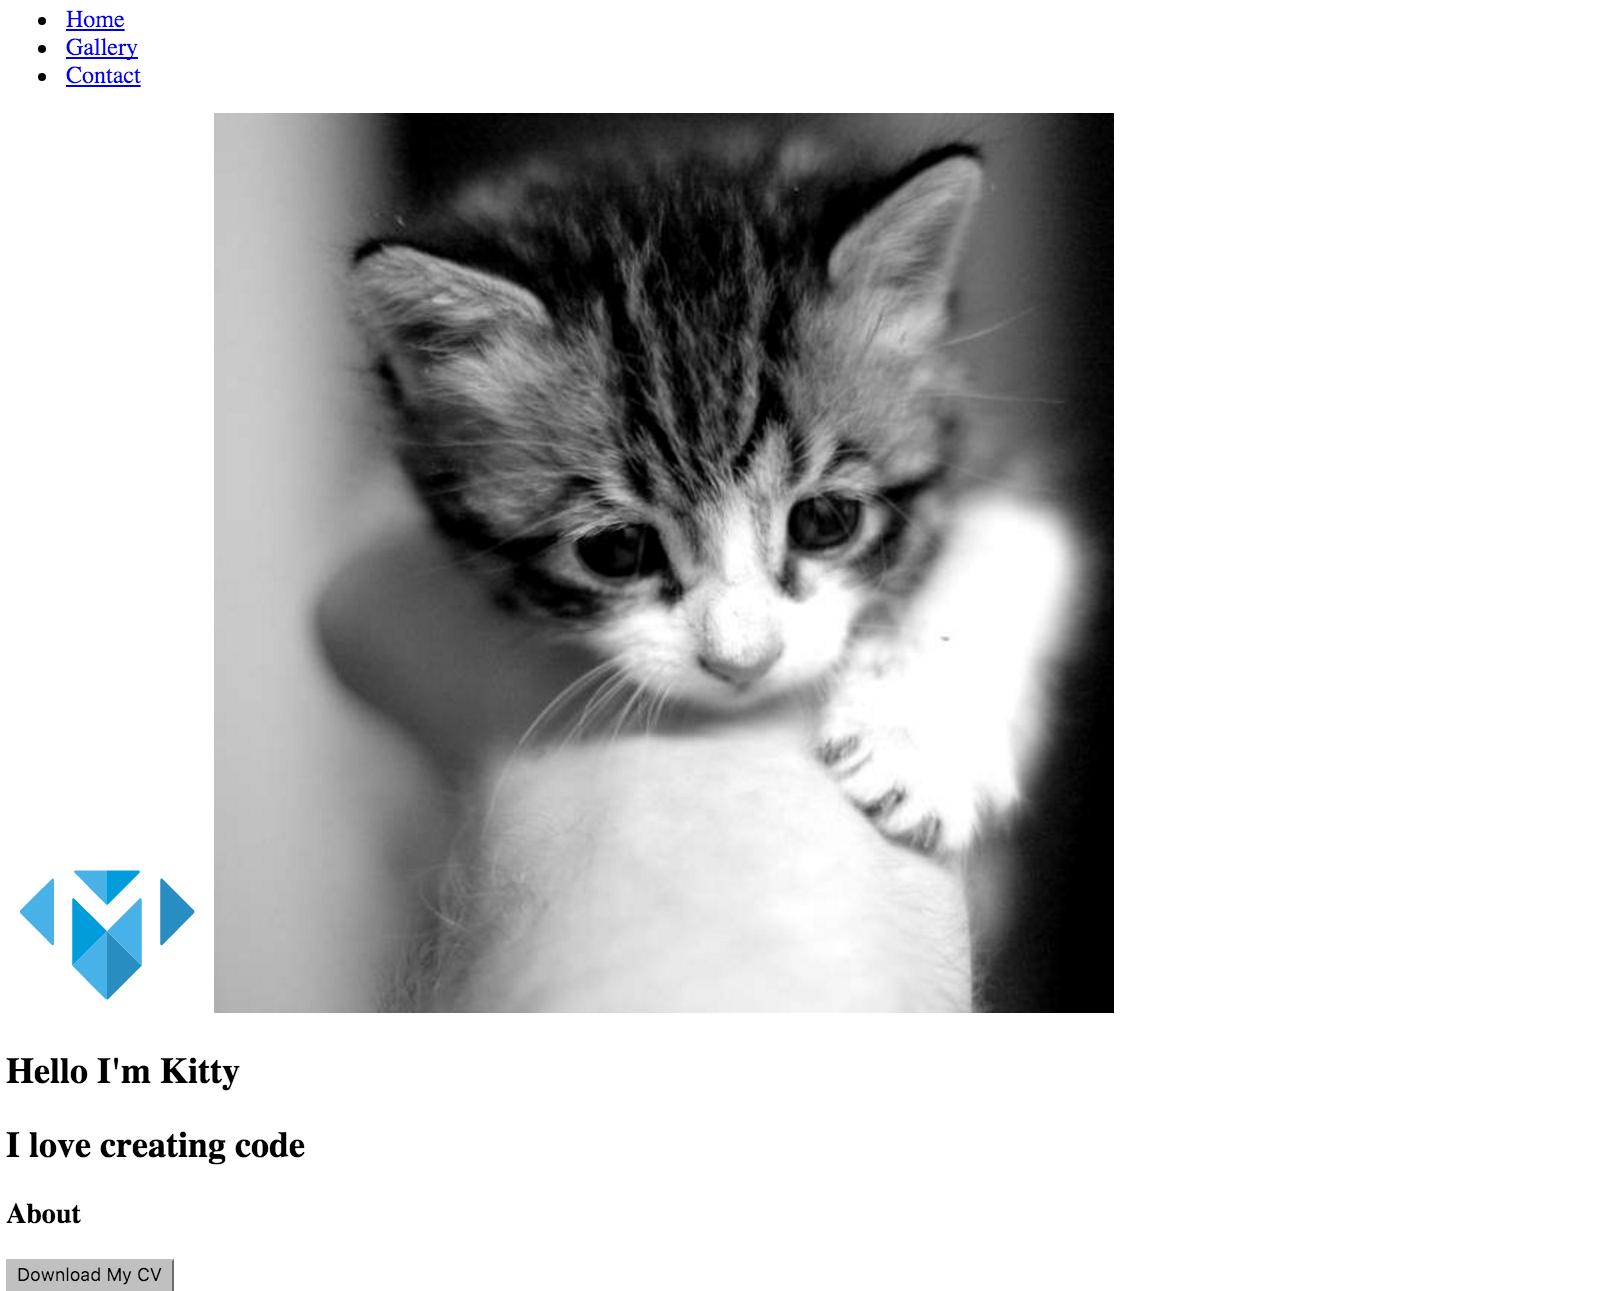 Portfolio without CSS